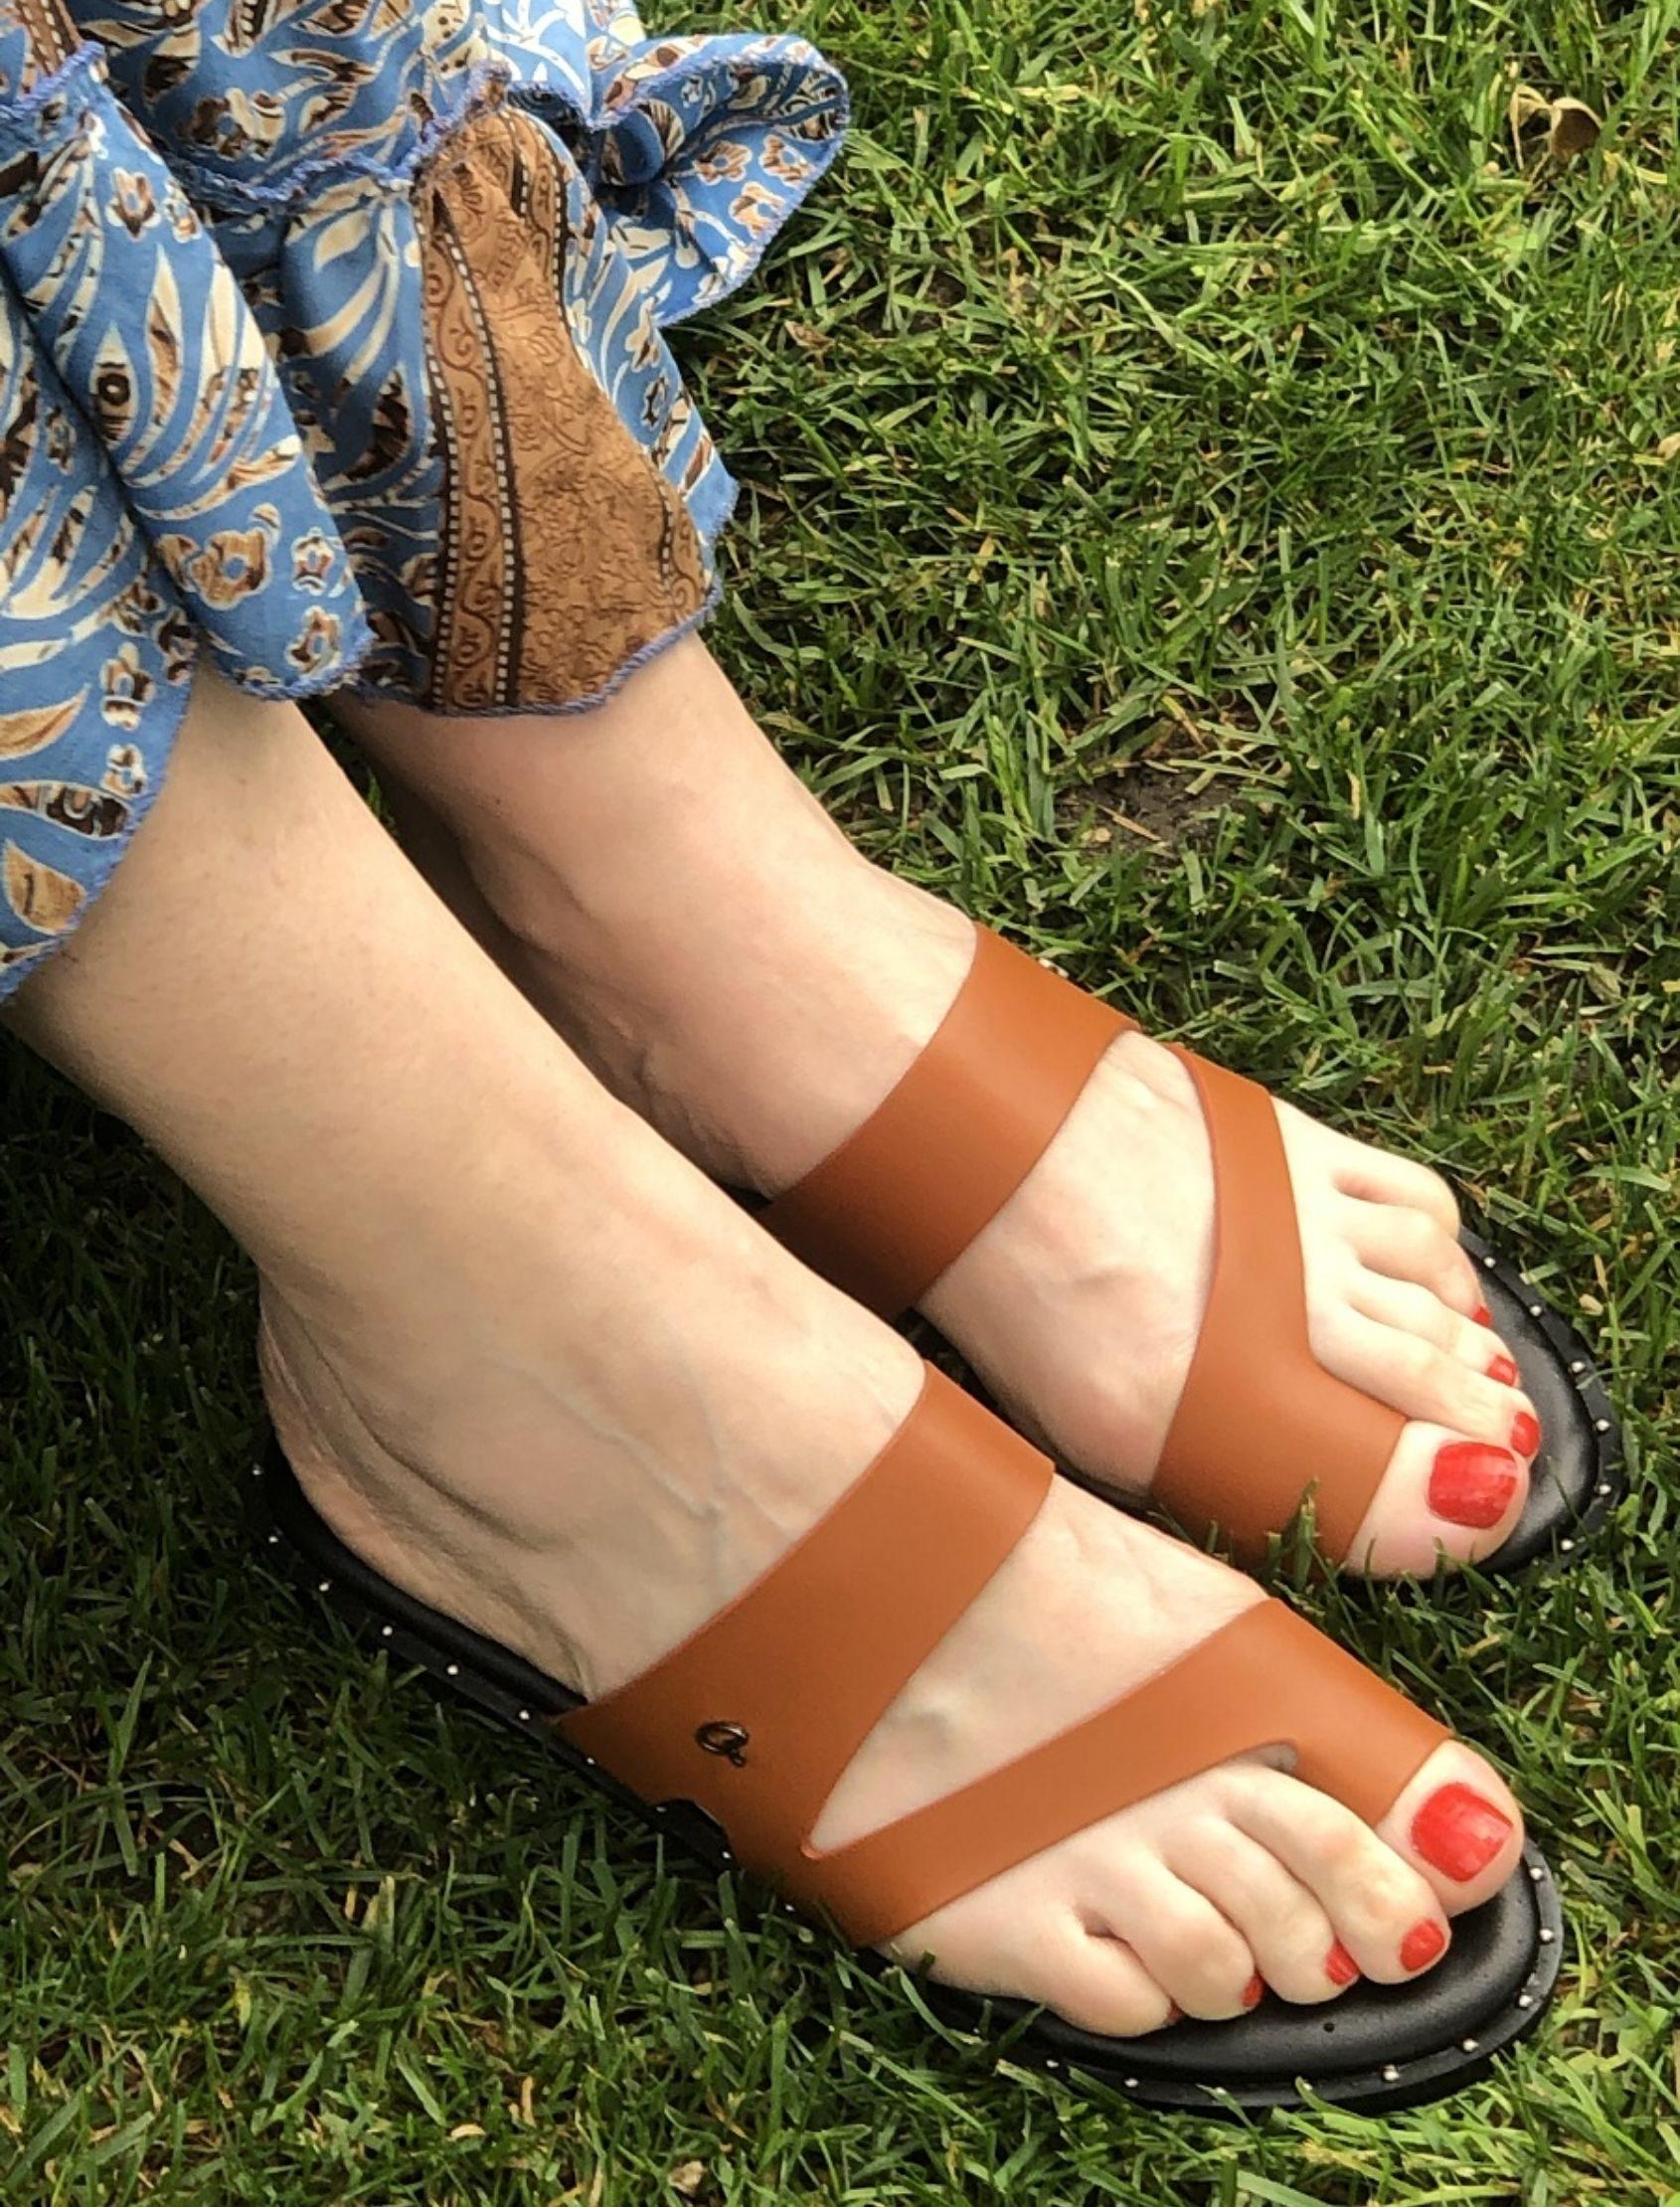 sandalia de piel en color camel con detalle de tachuelas y suela negra